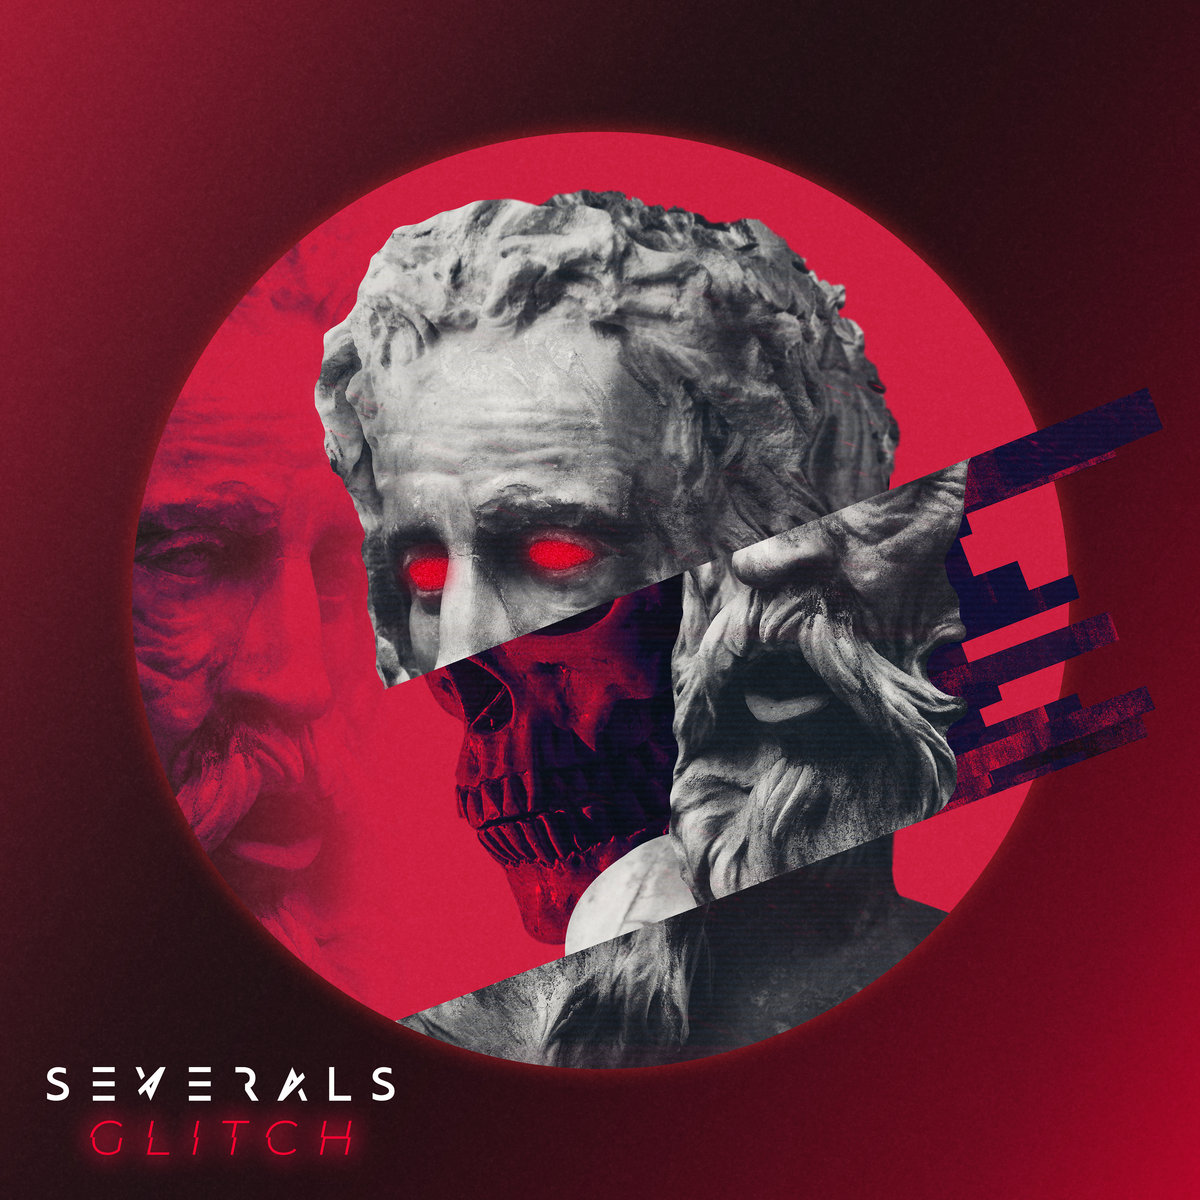 SEVERALS - Glitch [EP] (2018)